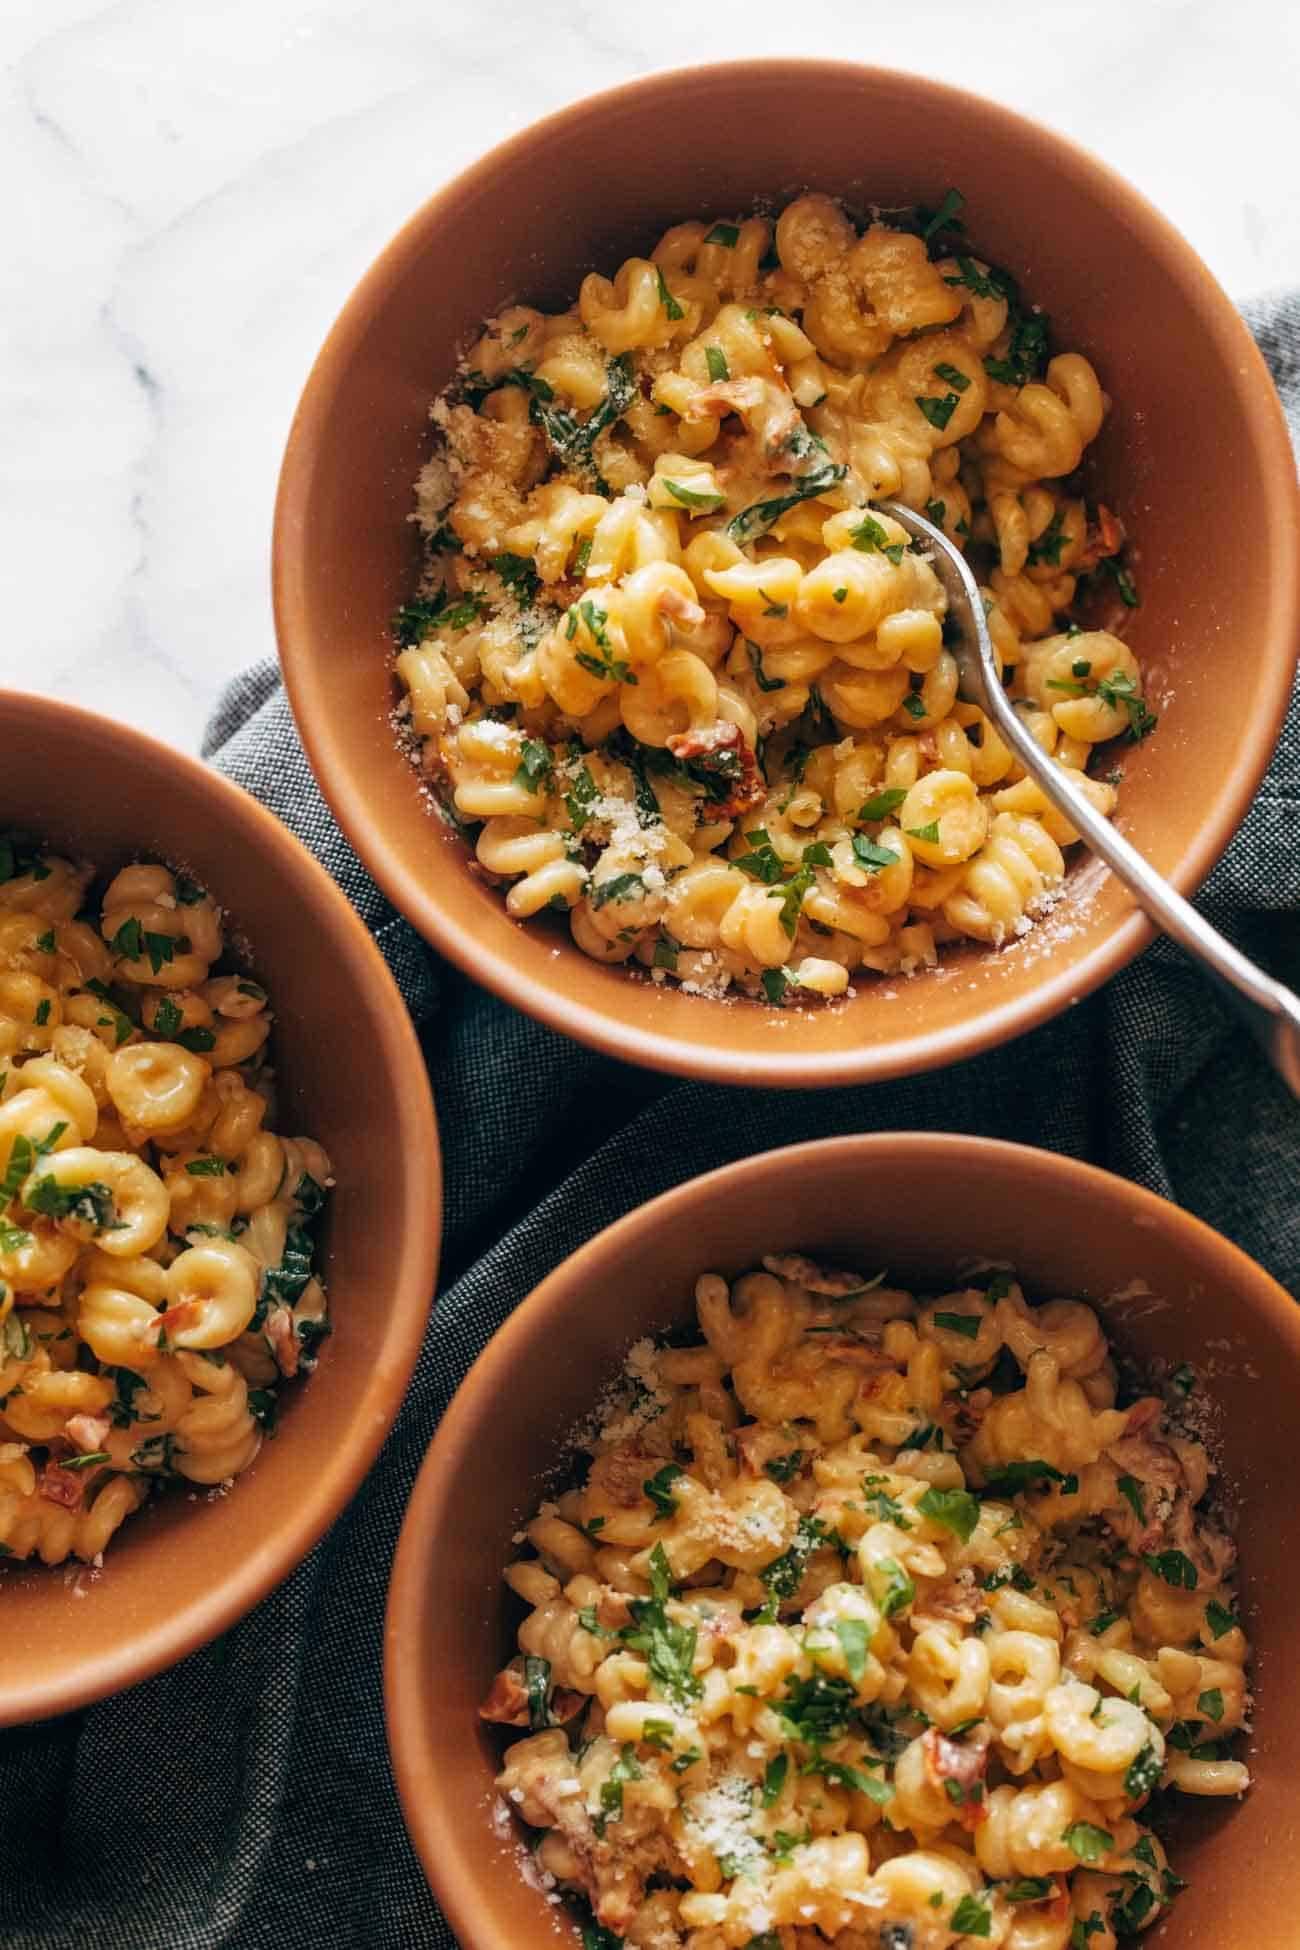 Sun-dried tomato pasta in bowls